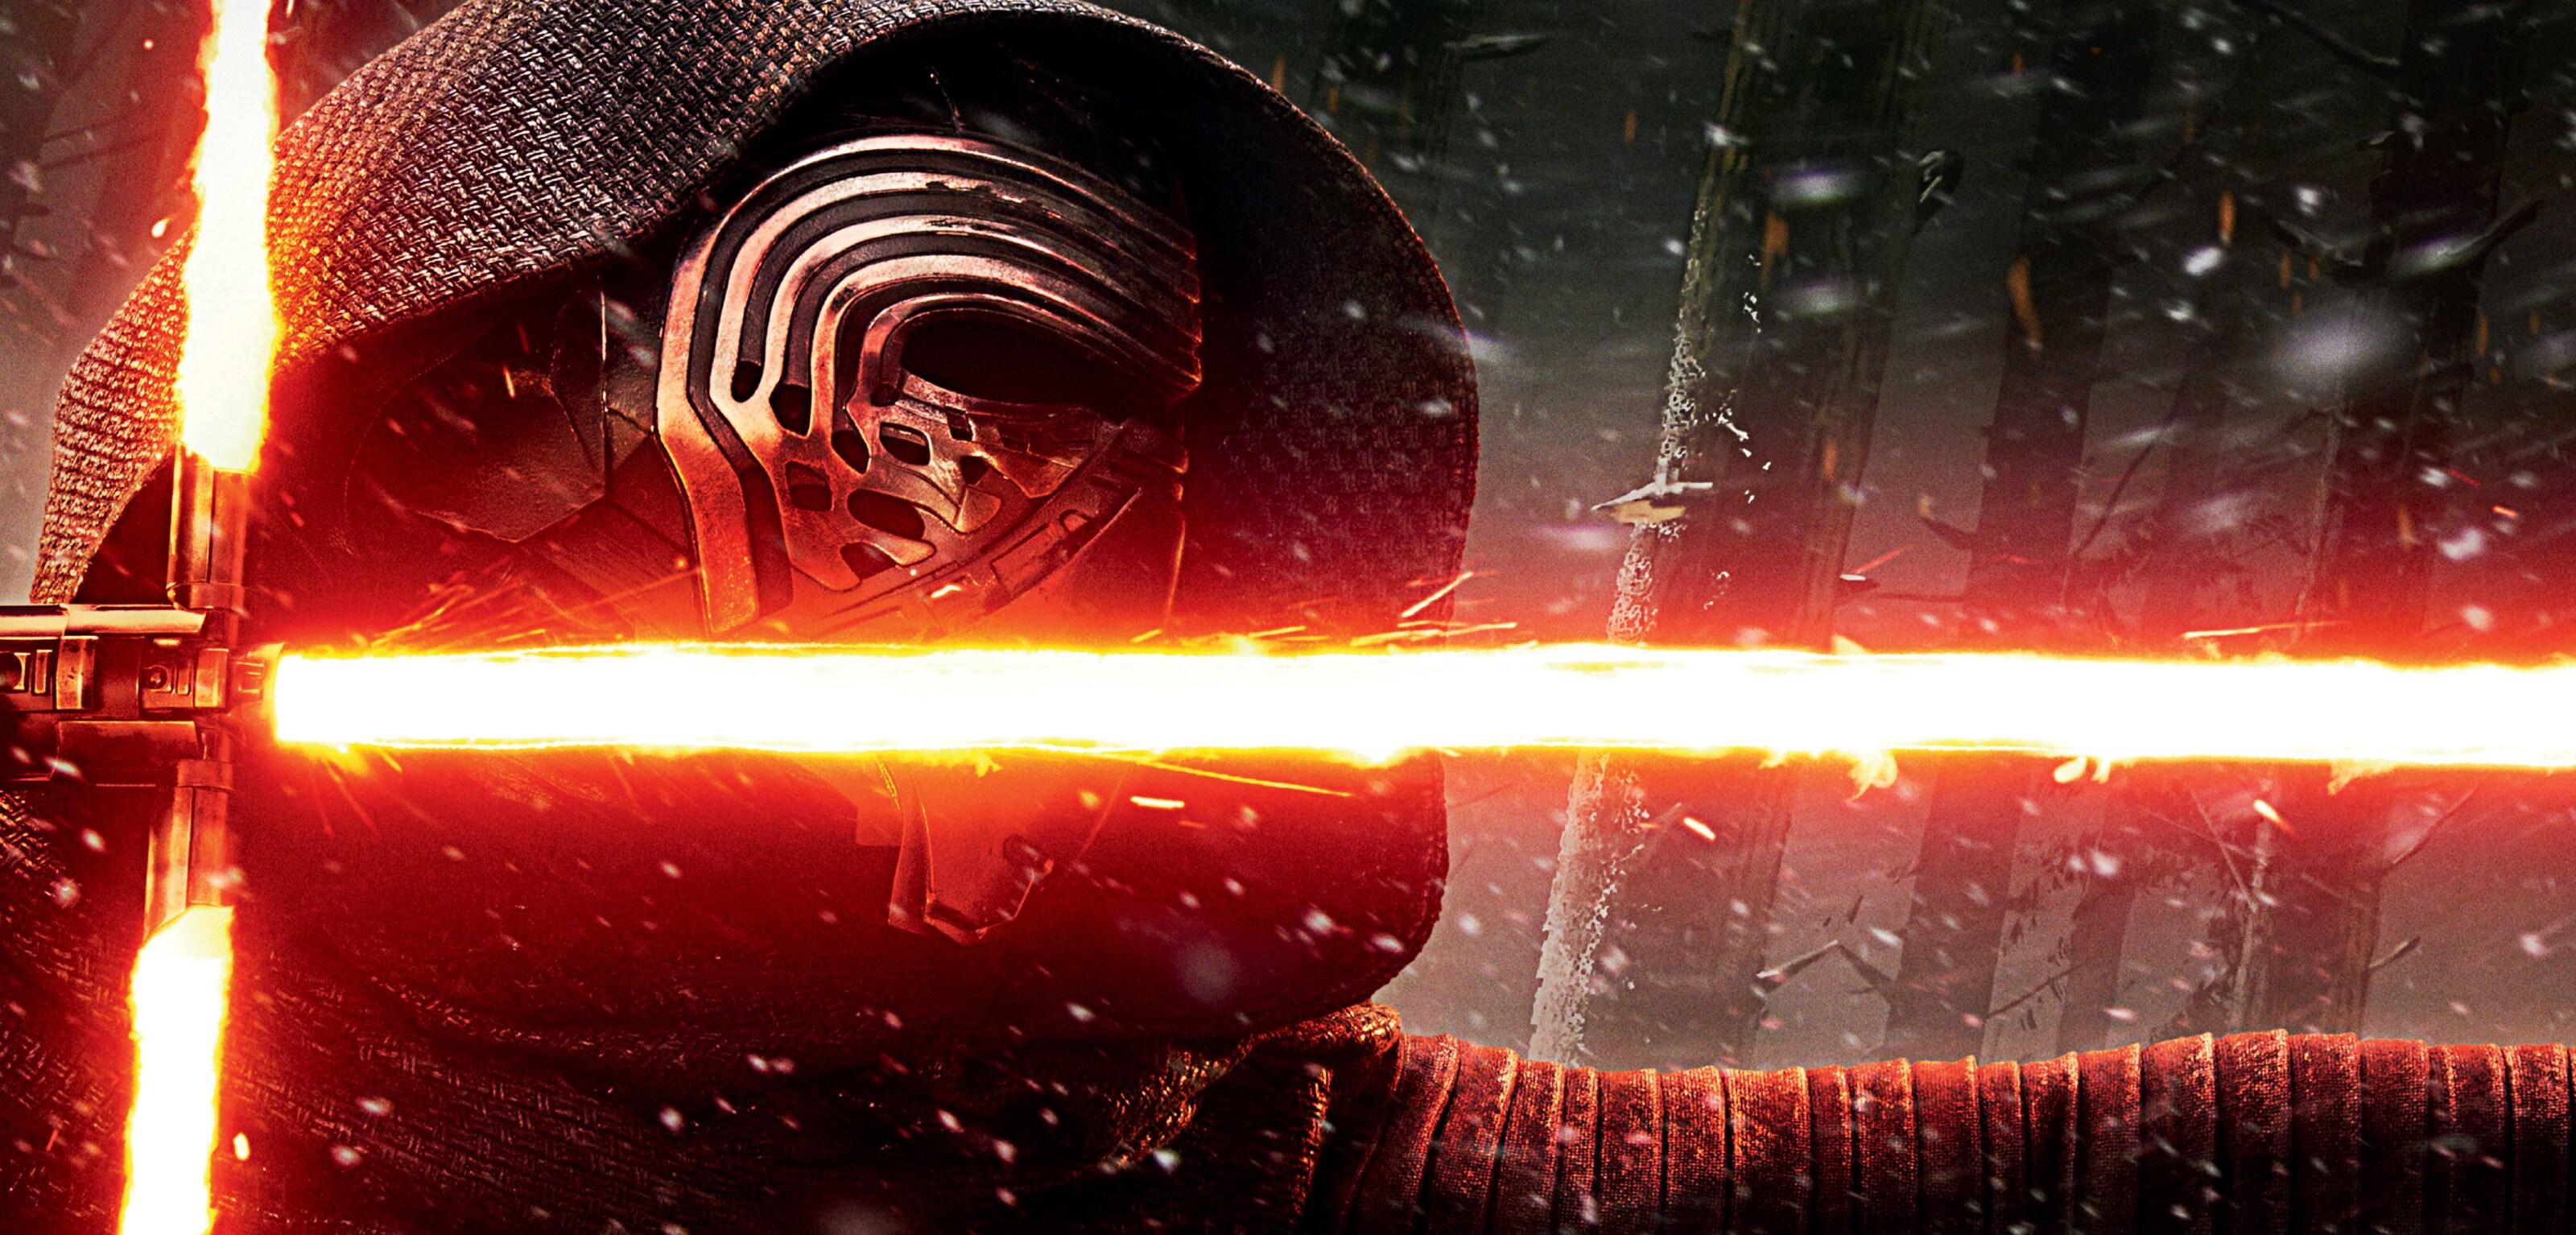 Fermo immagine di Star Wars: Il Risveglio della Forza